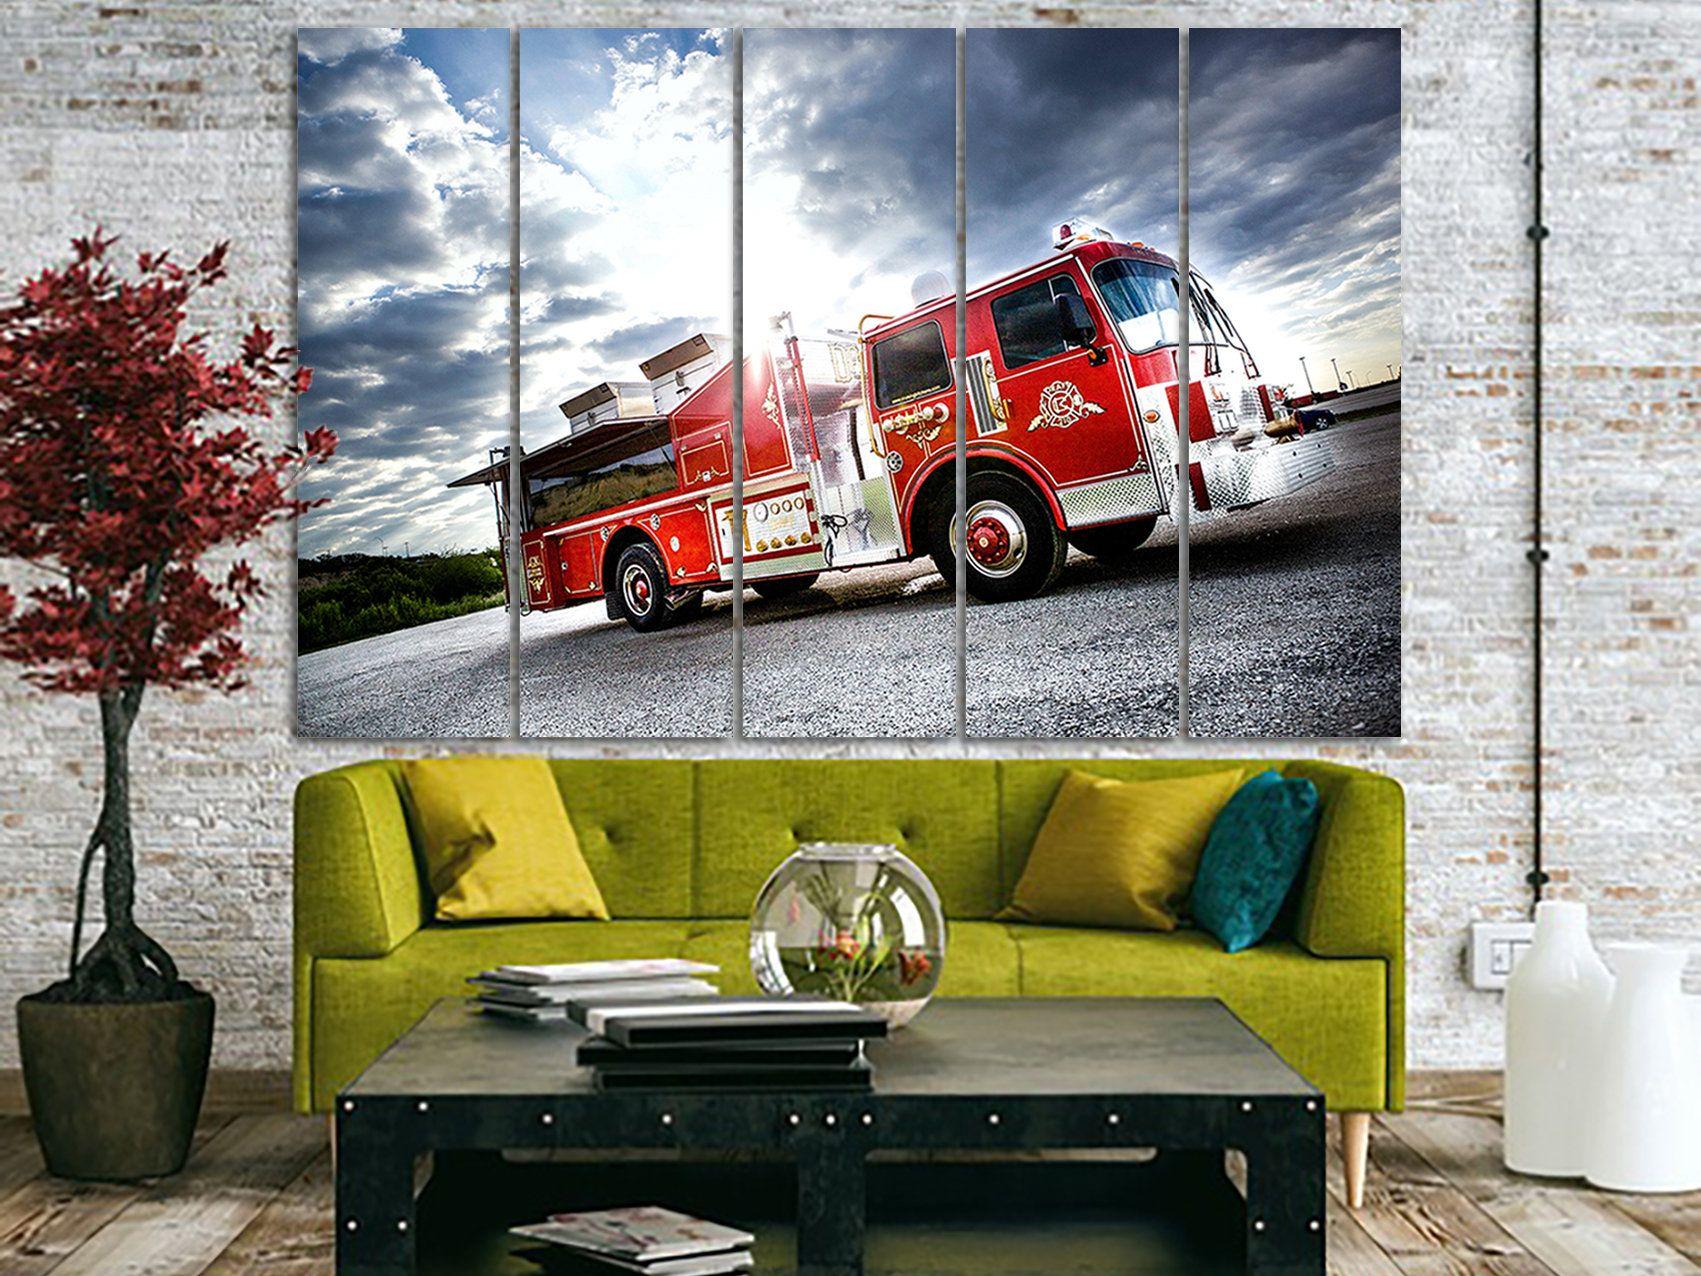 Fire Truck Canvas Fire Truck Print Fire Engine Decor Truck Decor Truck Canvas Dumper Truck Wall Art Boy Boys Room Wall Art Modern Canvas Painting Trucks Print